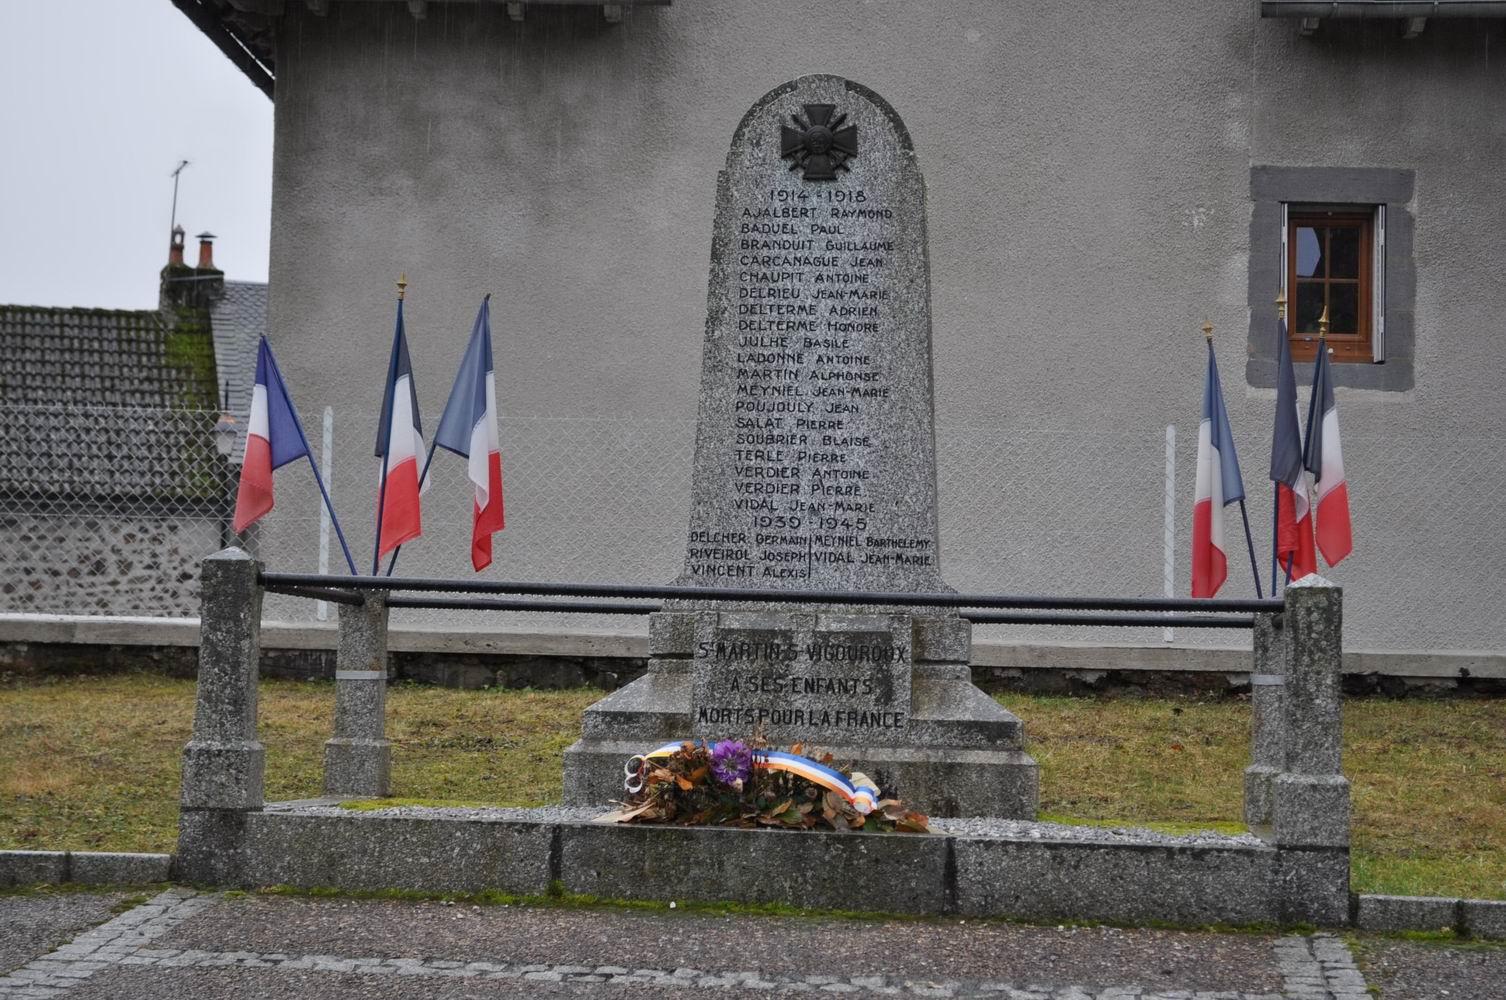 Saint-Martin-sous-Vigouroux